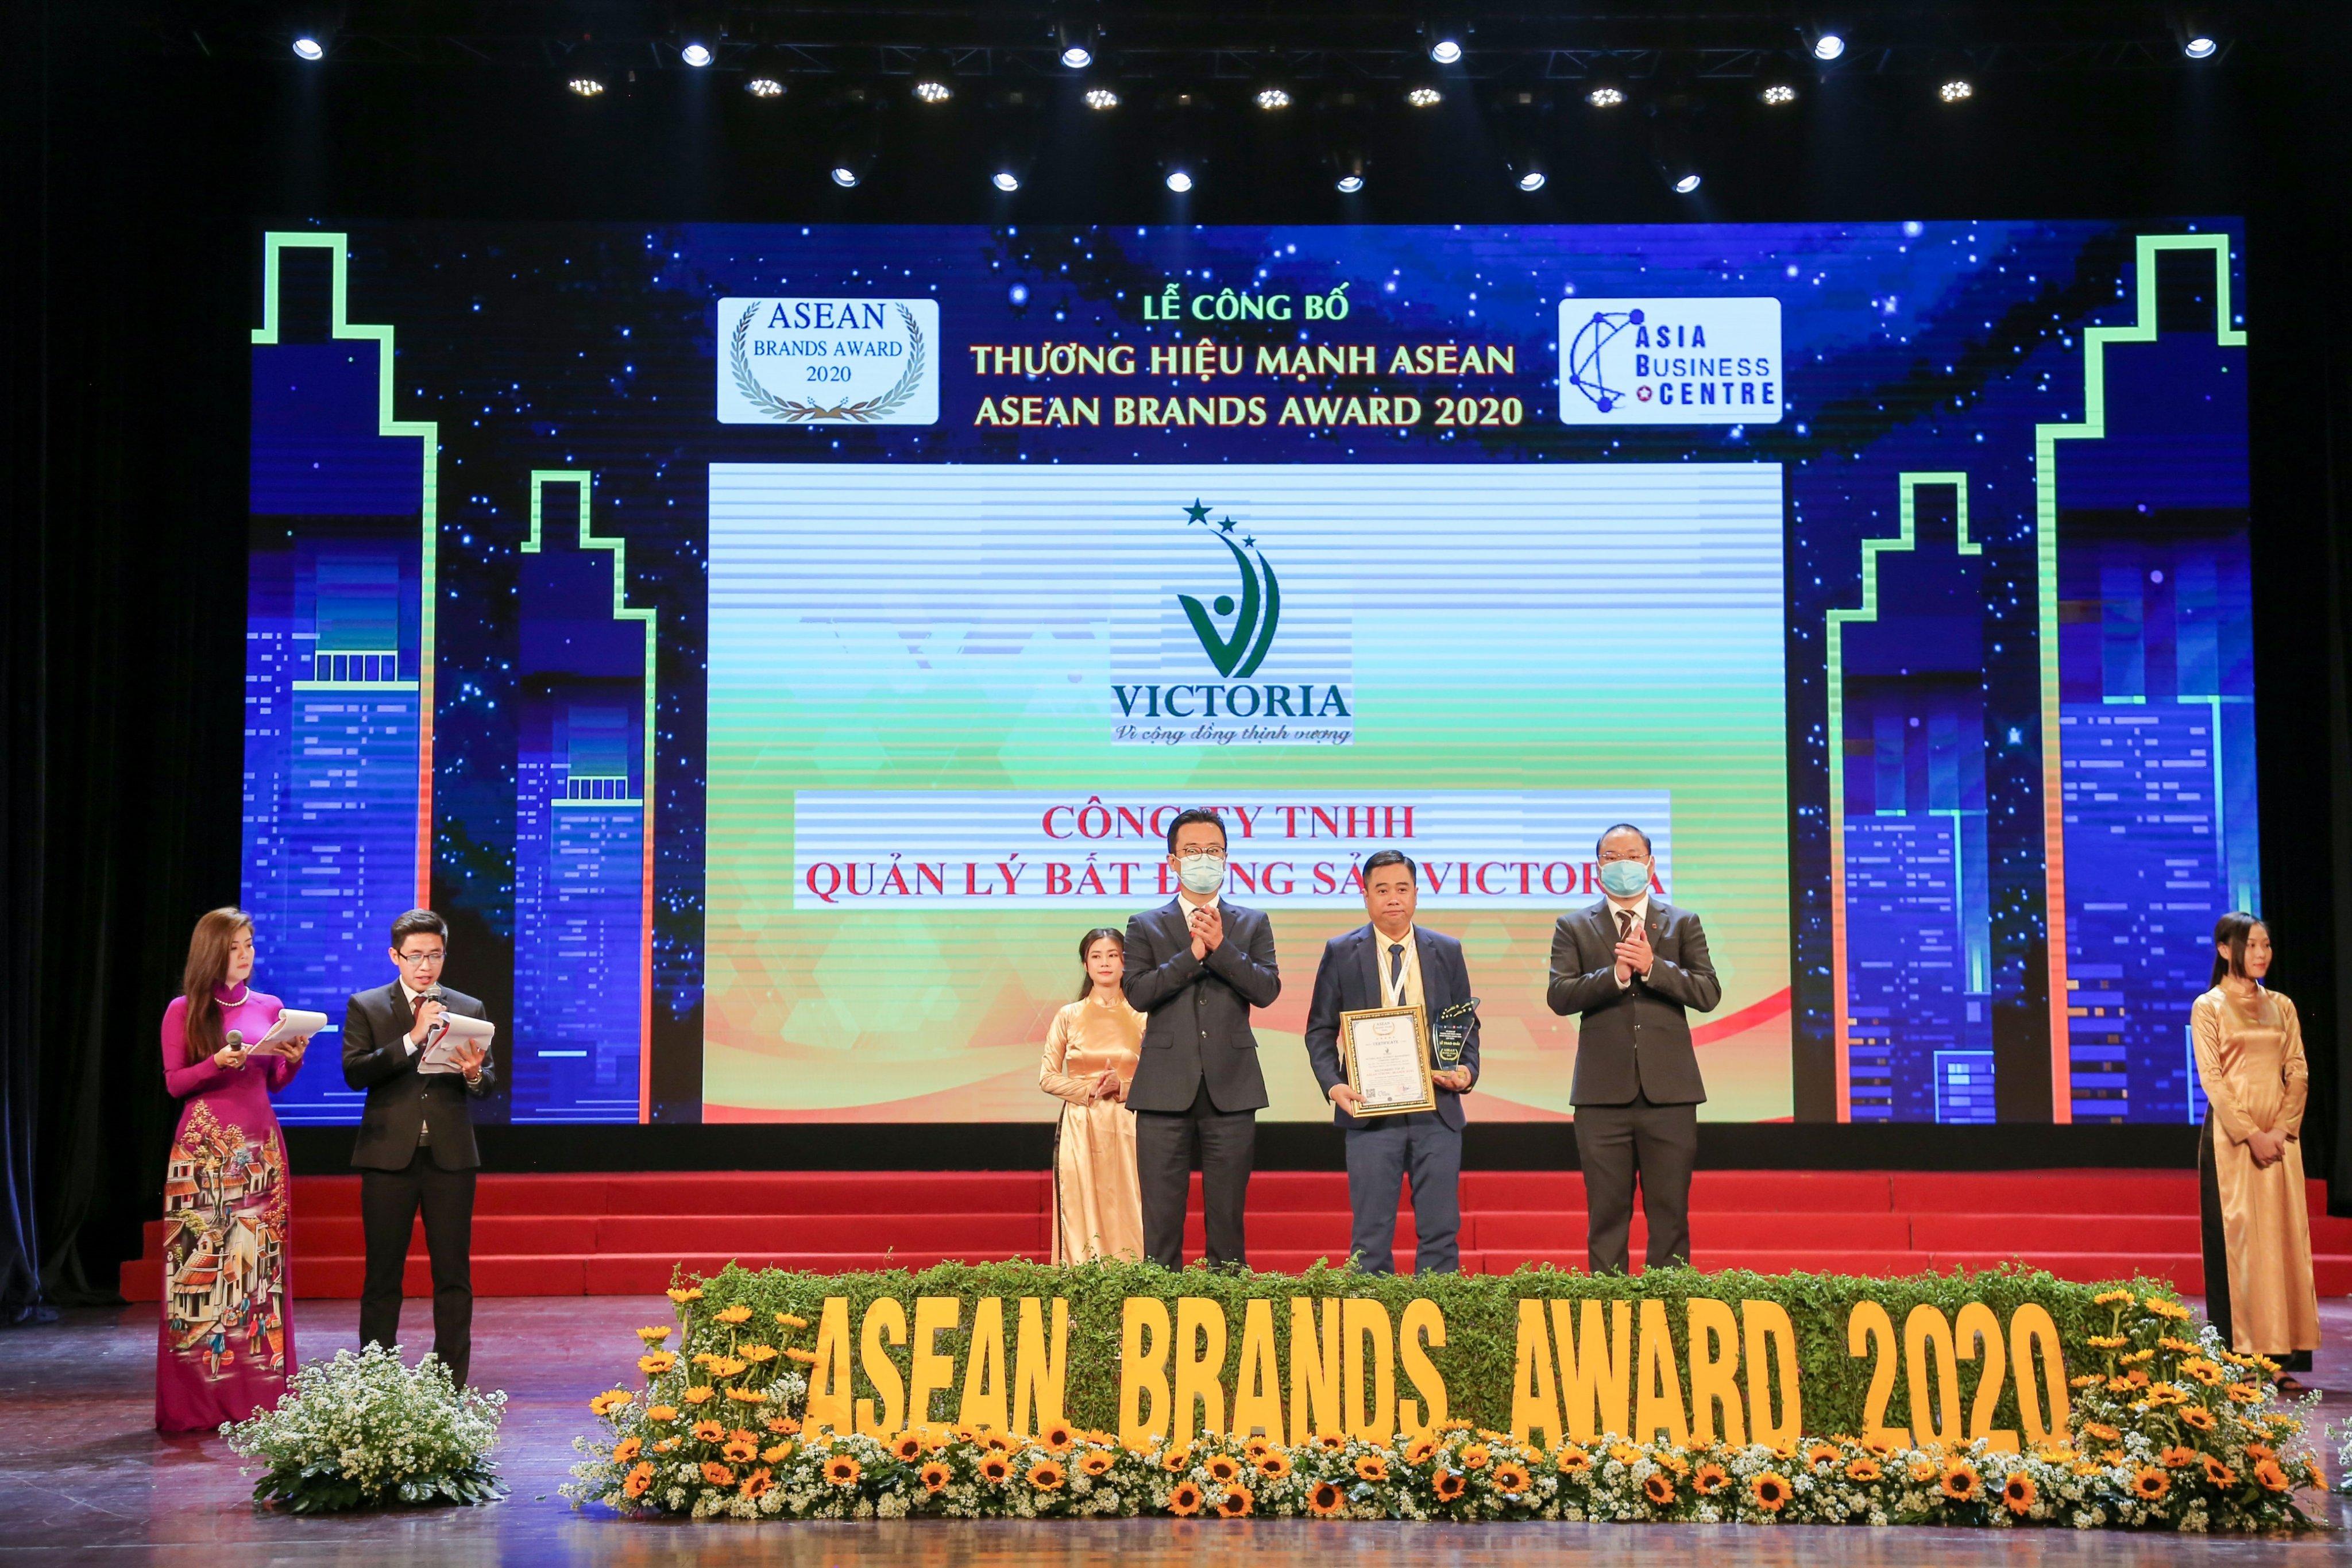 """CÔNG TY VICTORIA VINH DỰ ĐÓN NHẬN GIẢI THƯỞNG """"TOP 10 THƯƠNG HIỆU MẠNH ASEAN 2020"""""""